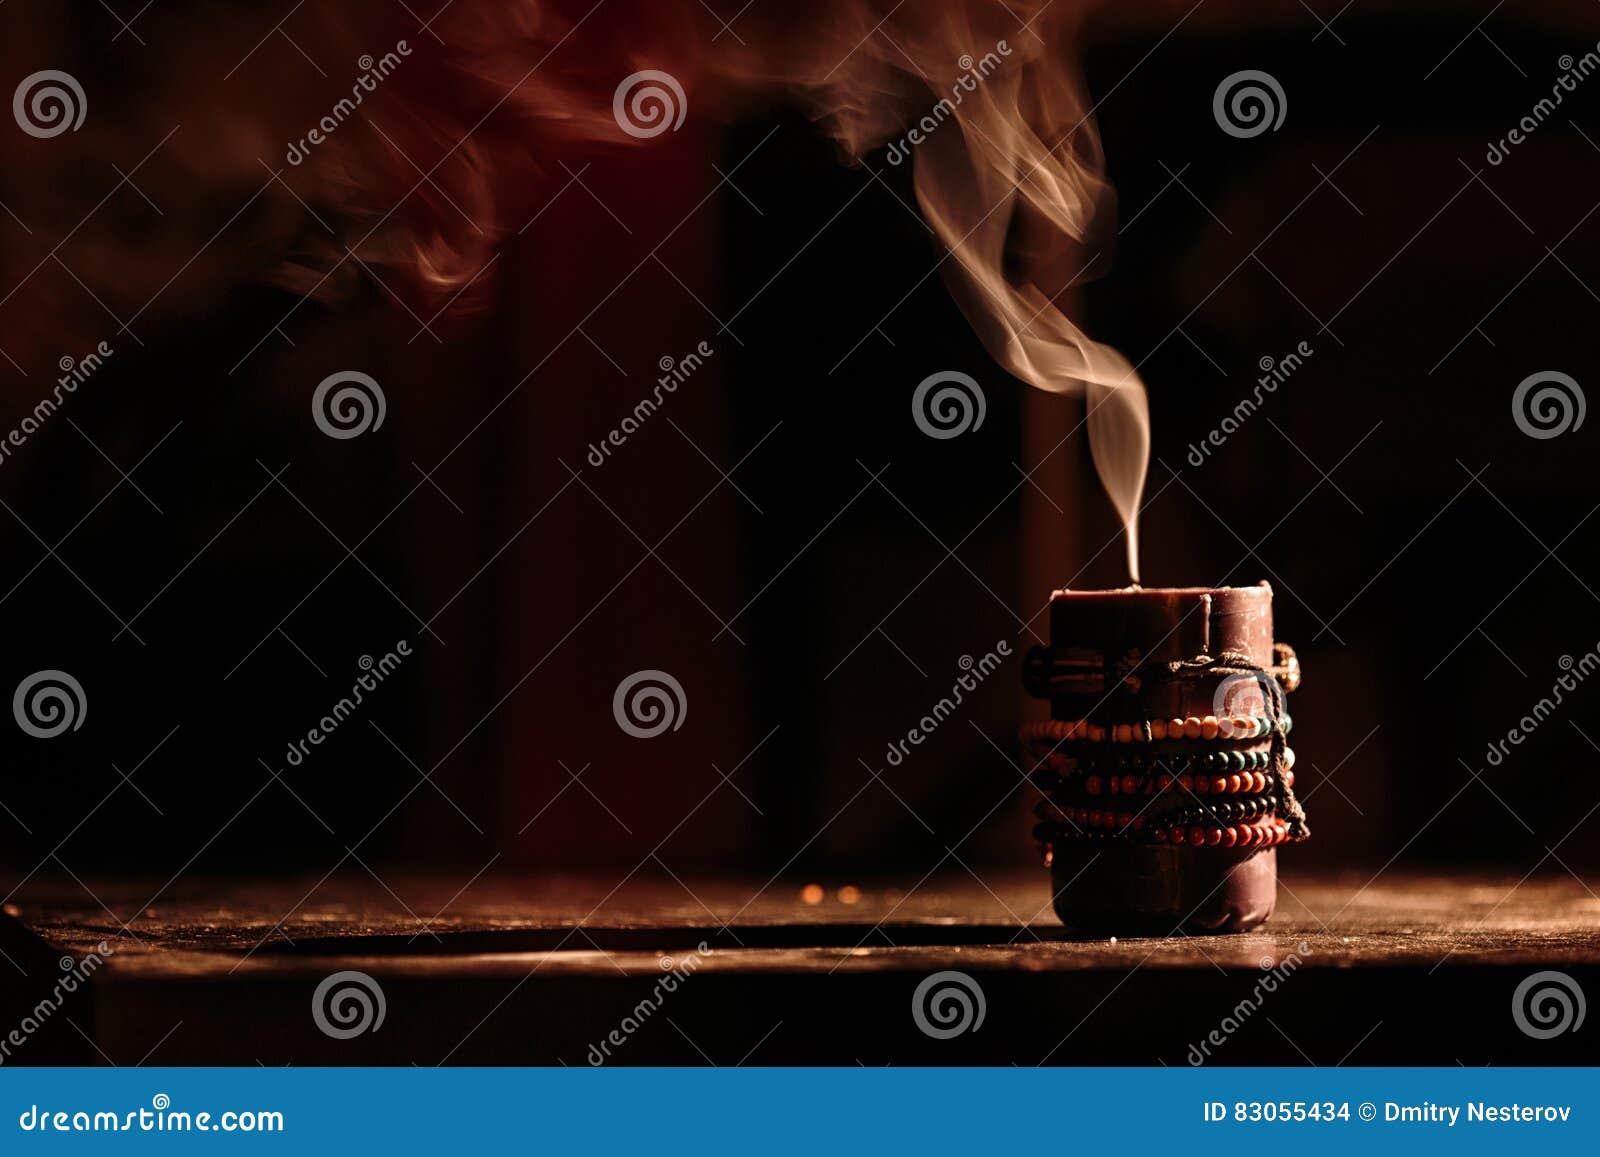 Dymne wymarłe świeczki na czarnym tle